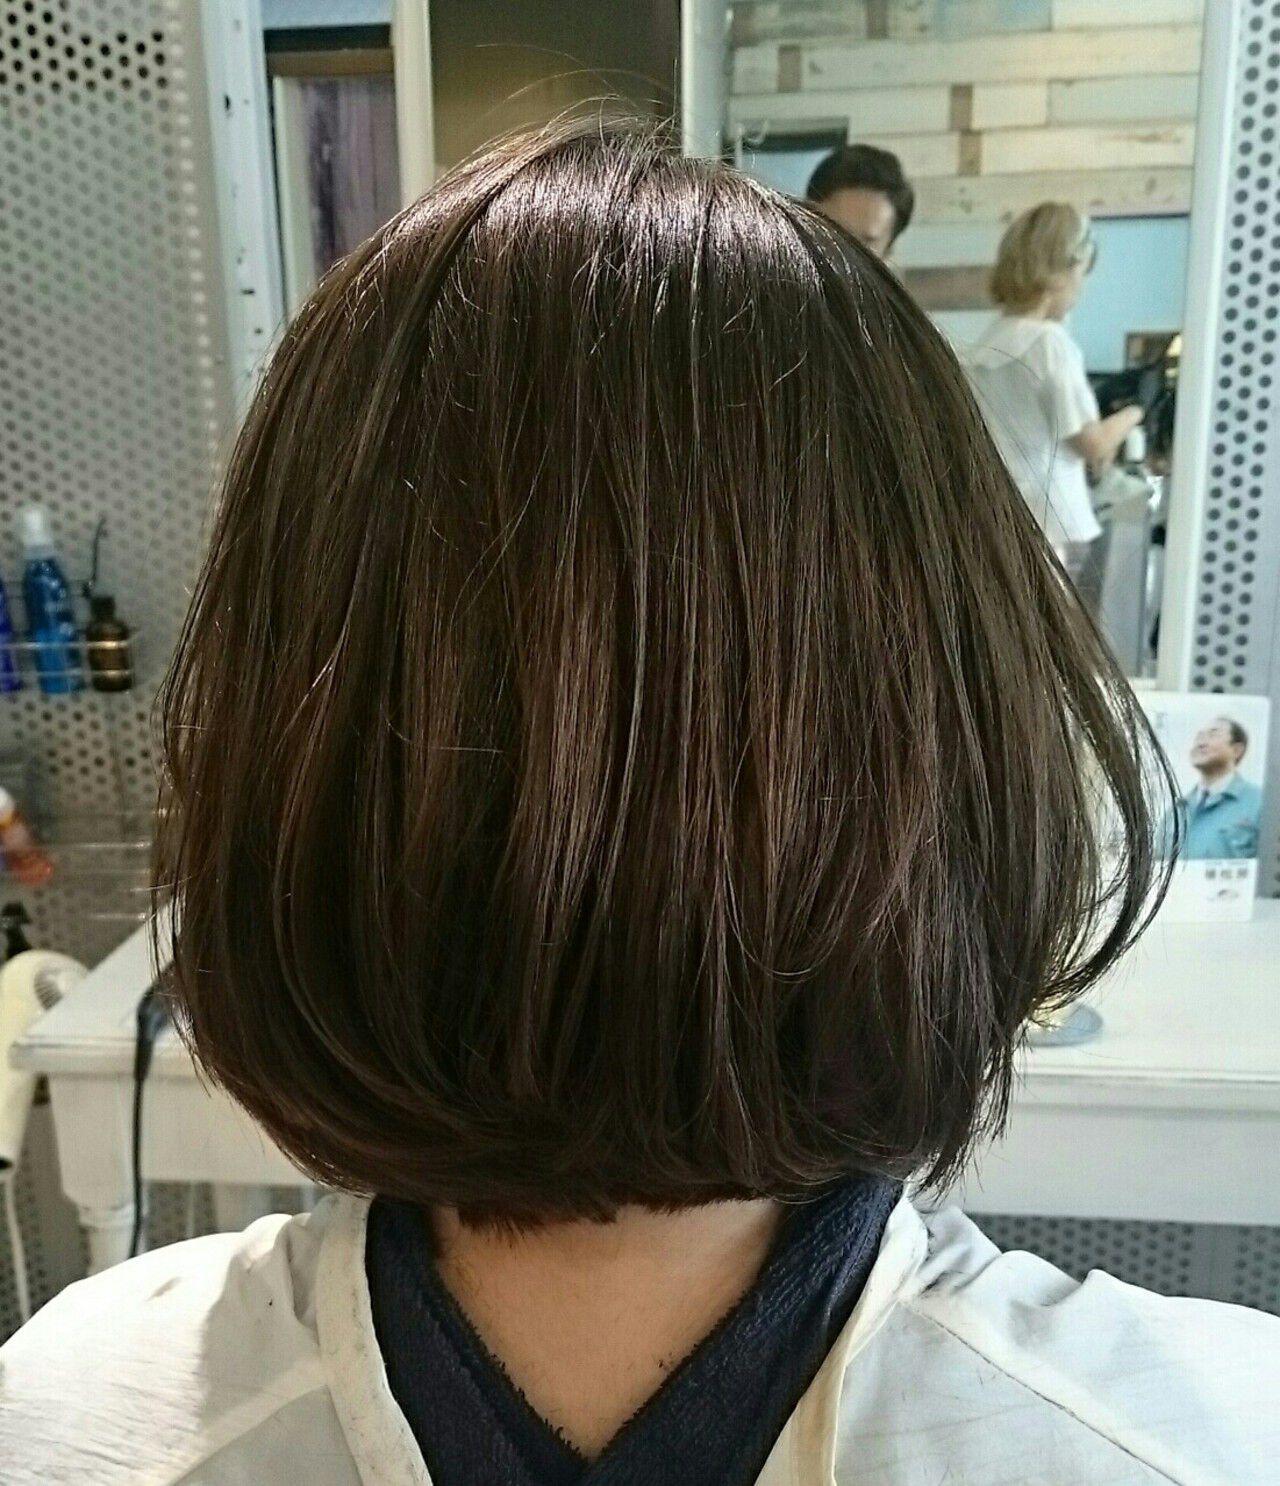 アッシュ ボブ ナチュラル グラデーションカラーヘアスタイルや髪型の写真・画像